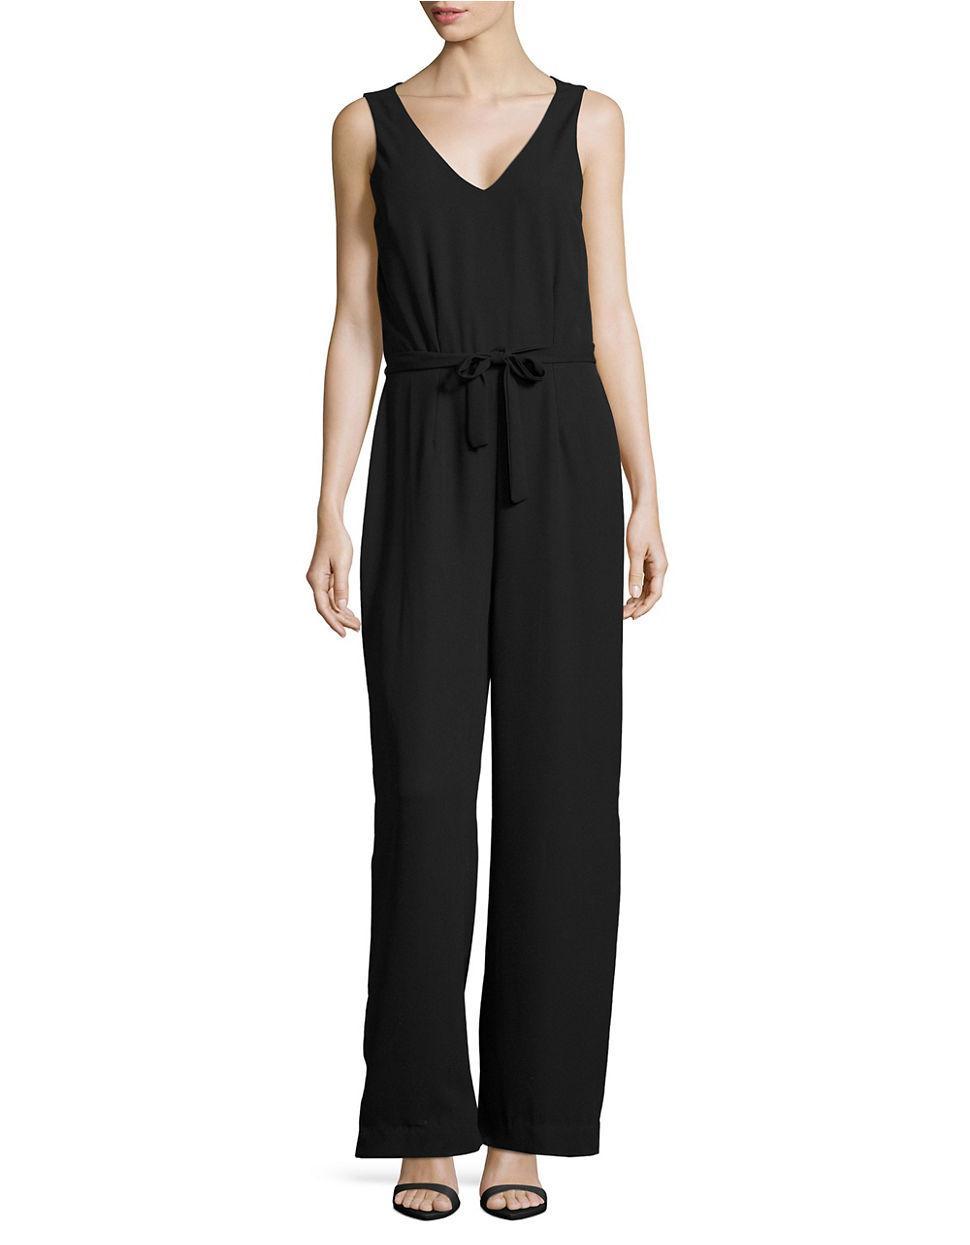 vero moda belted crepe jumpsuit in black lyst. Black Bedroom Furniture Sets. Home Design Ideas